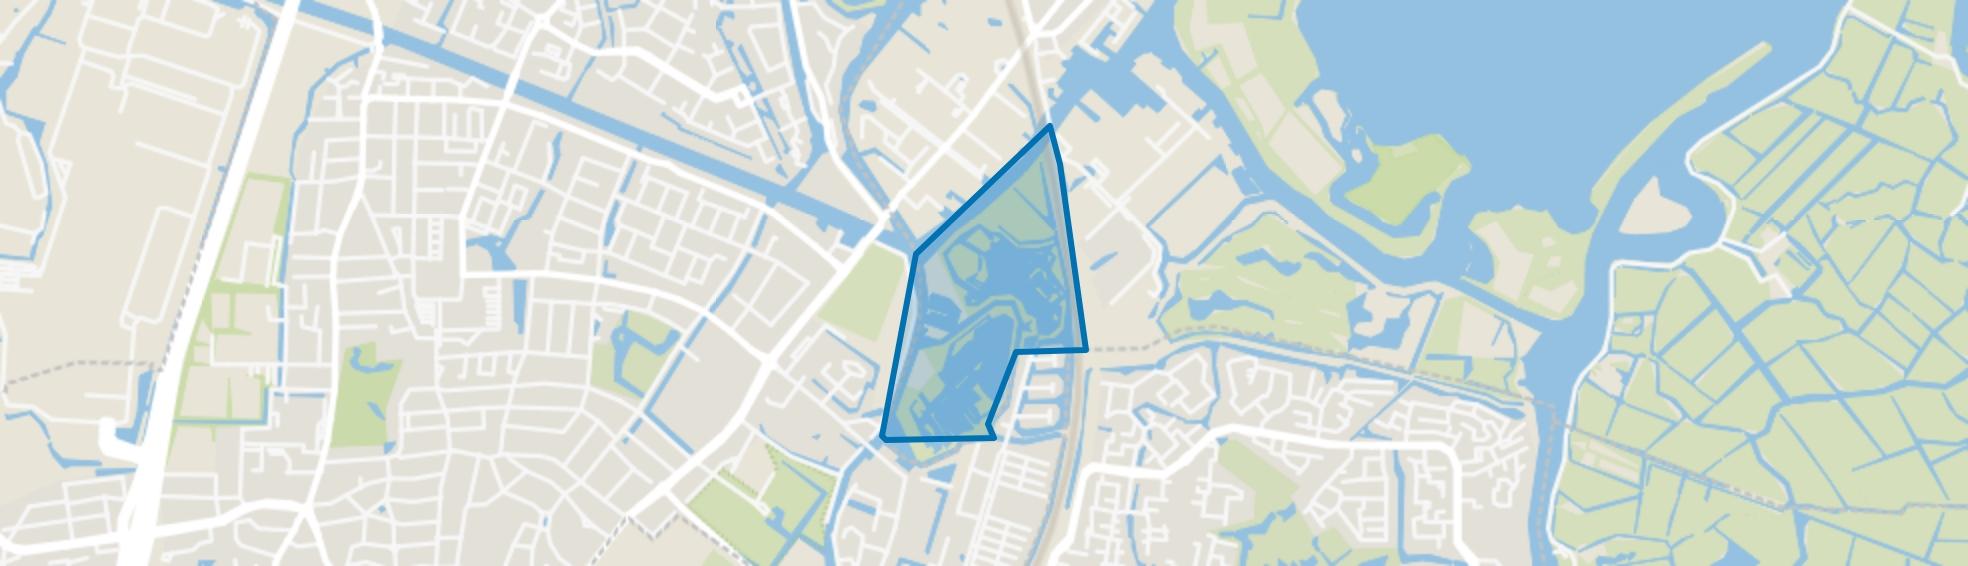 Hennepoel, Warmond map